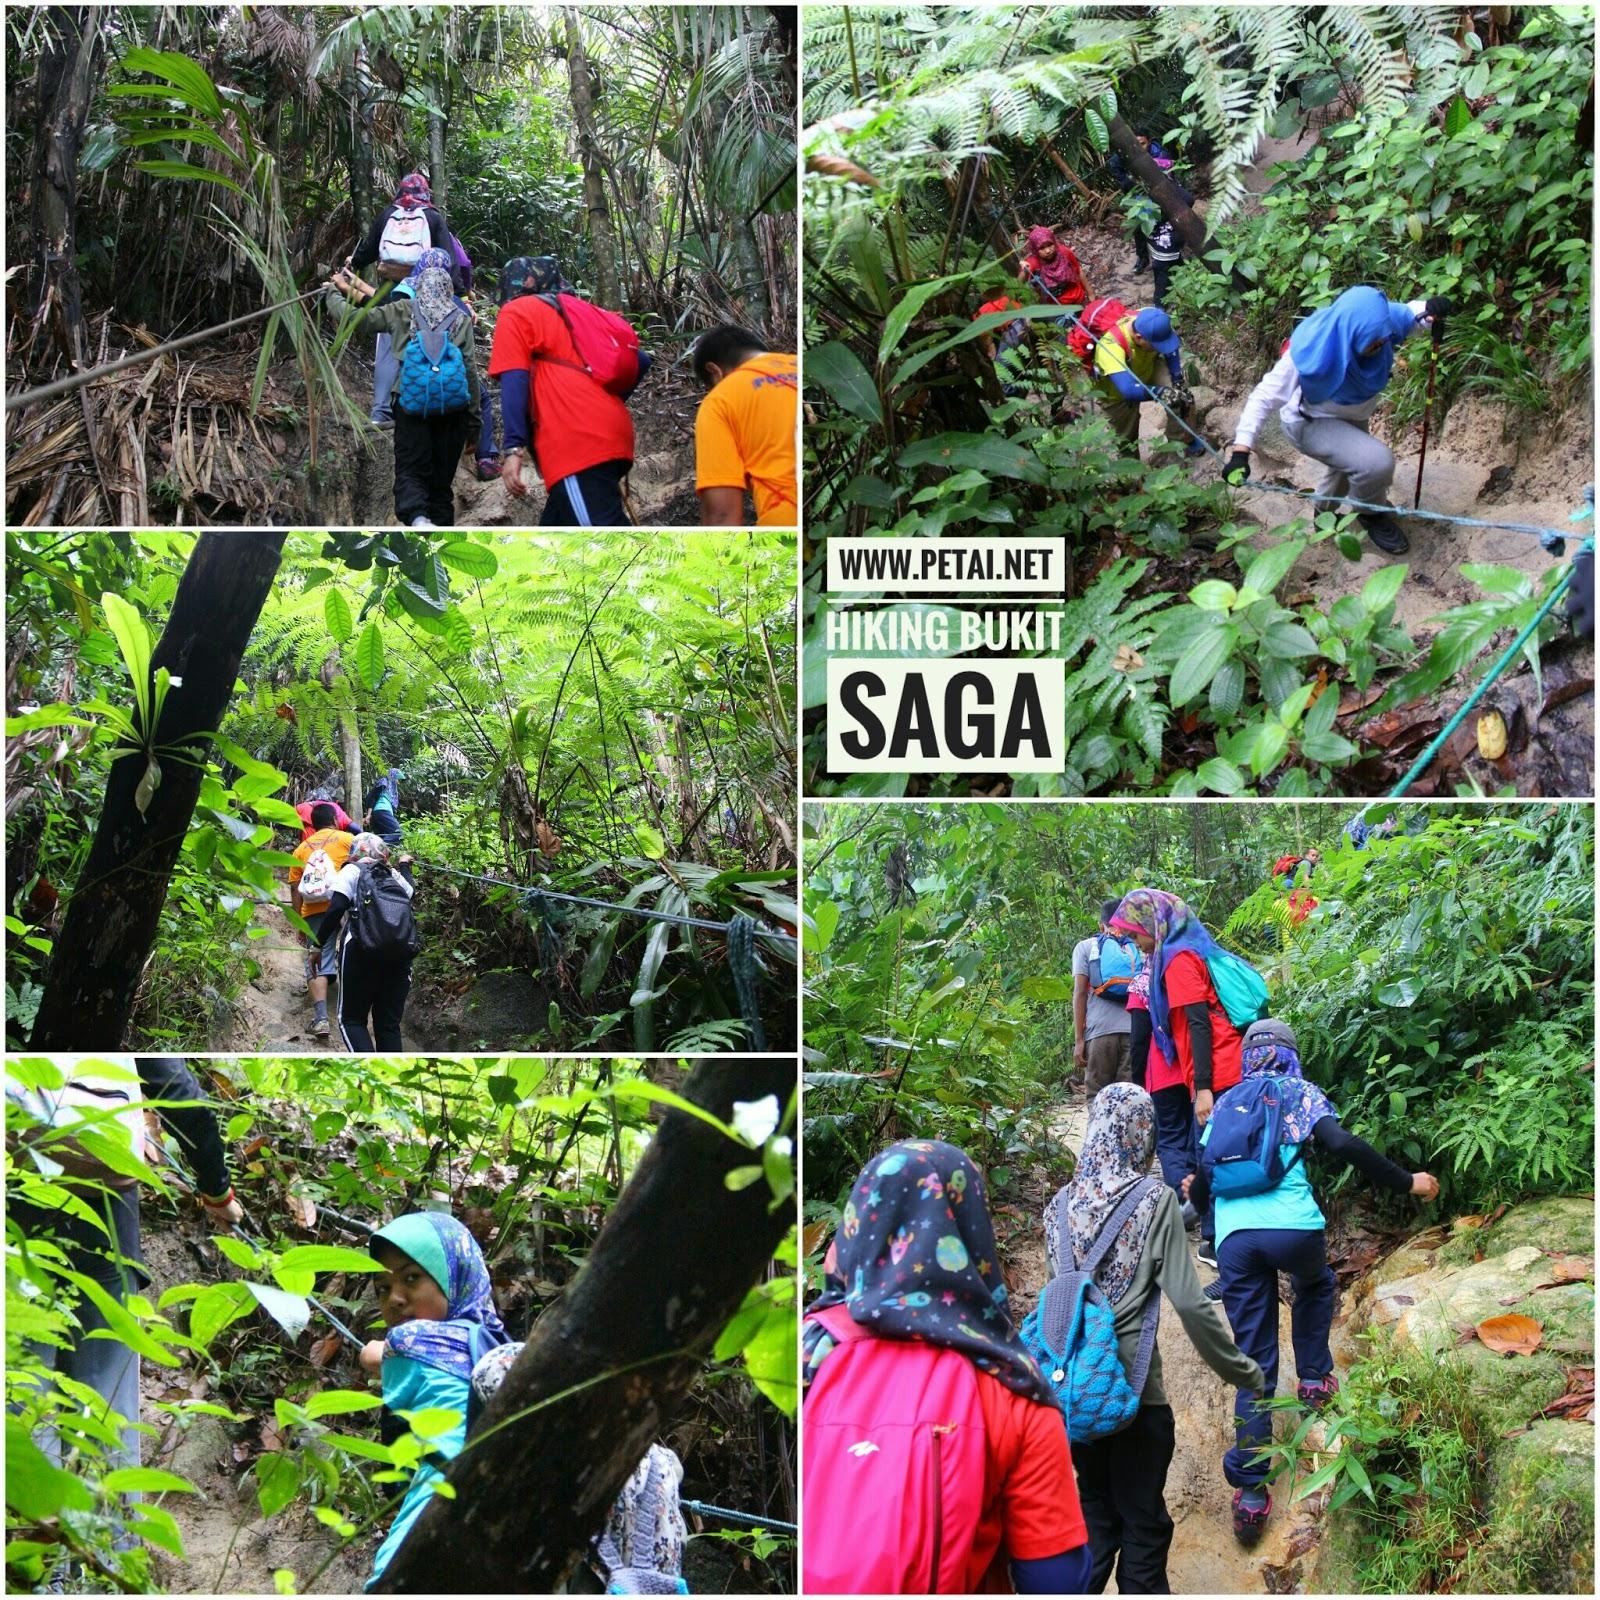 Mendaki Bukit Saga